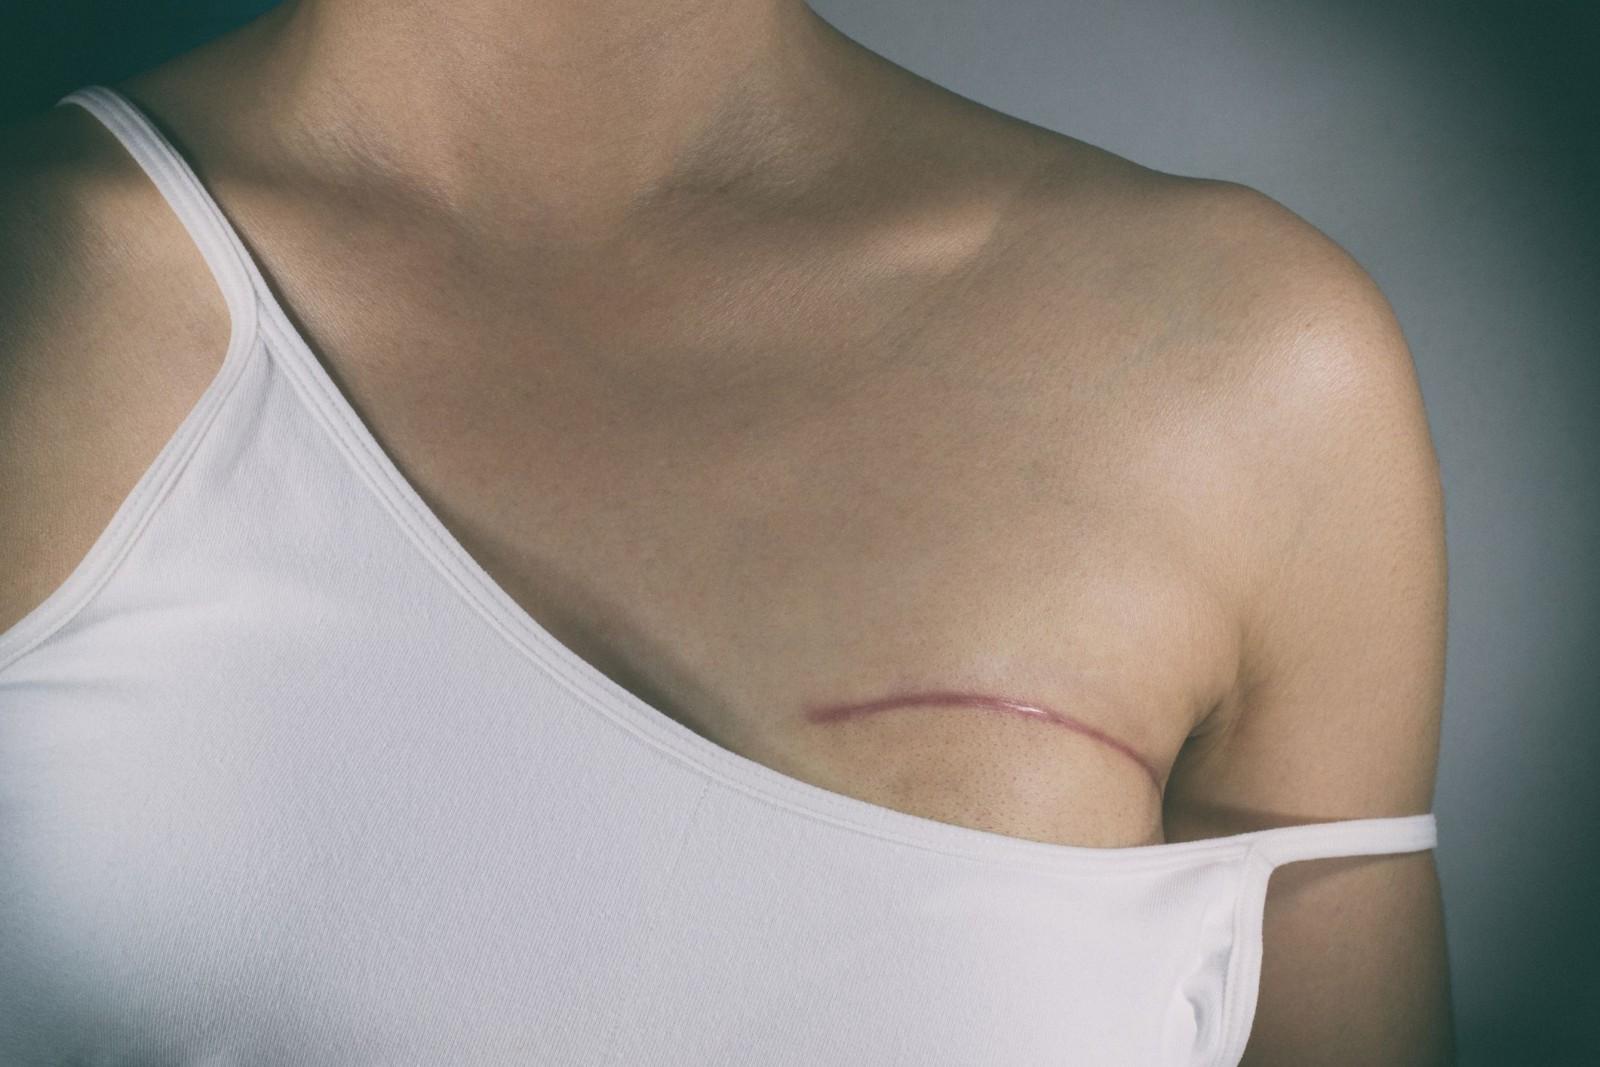 ما هي مضاعفات عملية استصال الثدي؟